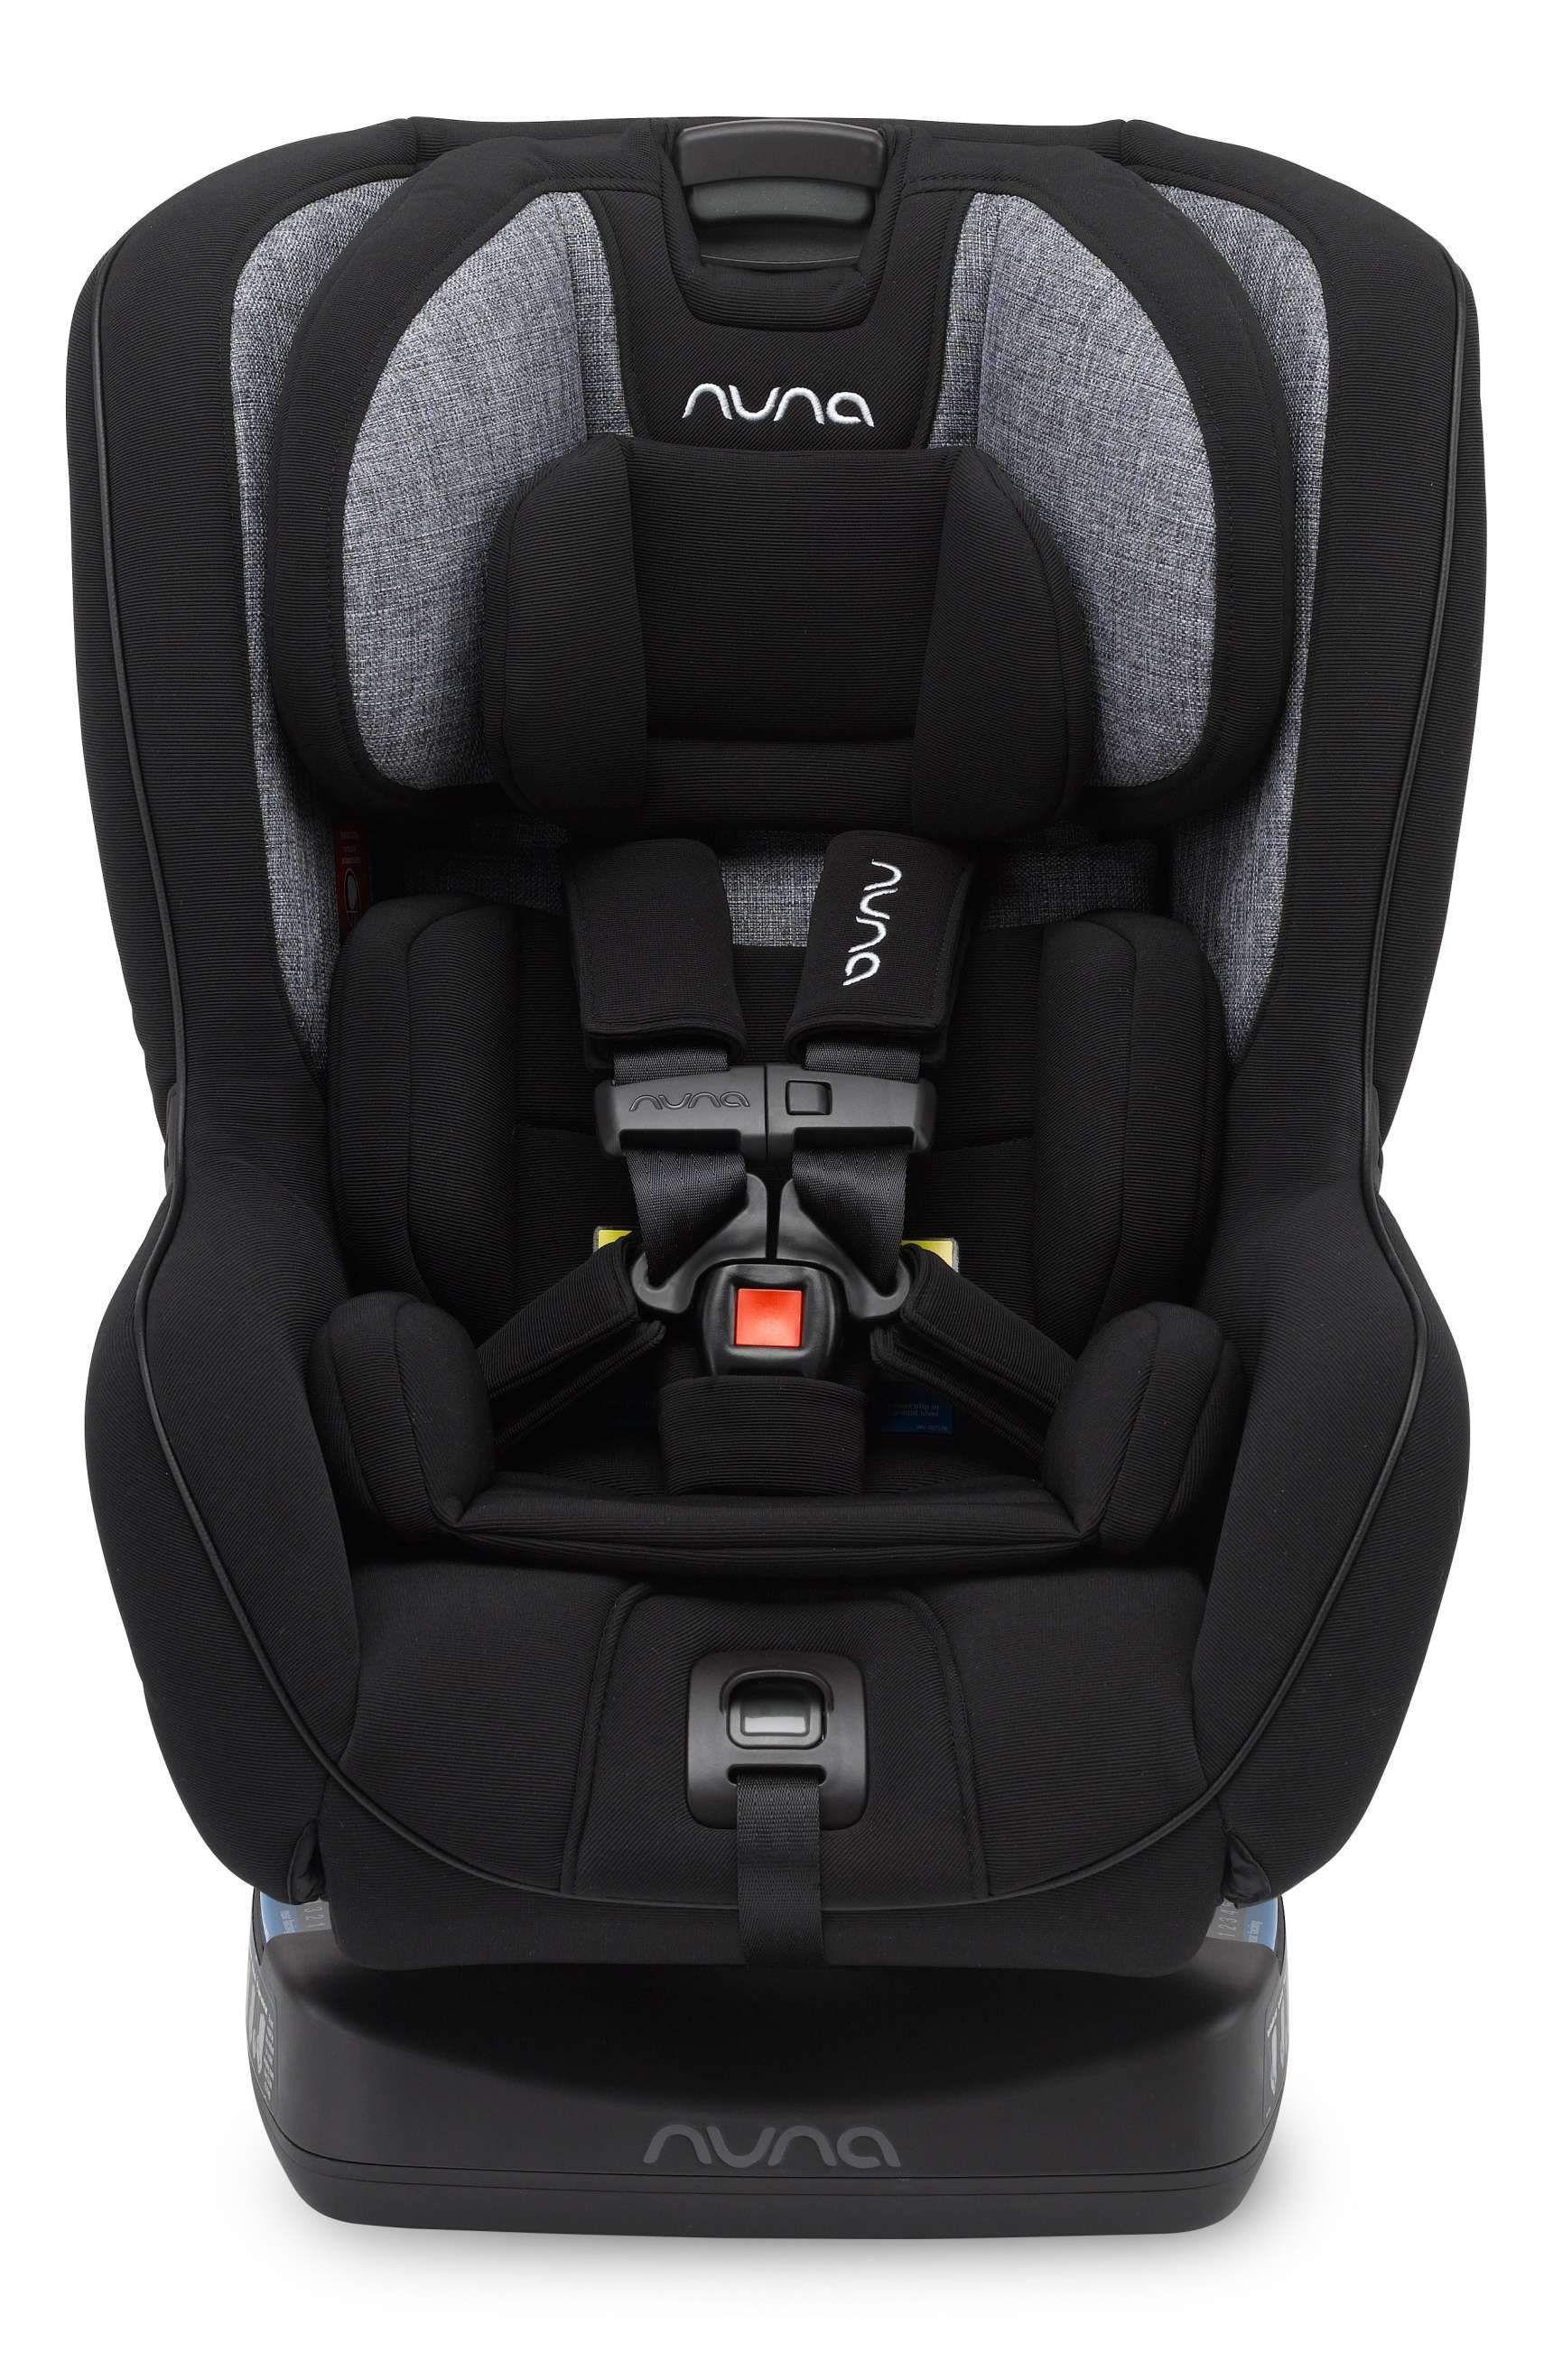 2018 Nuna RAVA Convertible Car Seat Car seats, Baby car